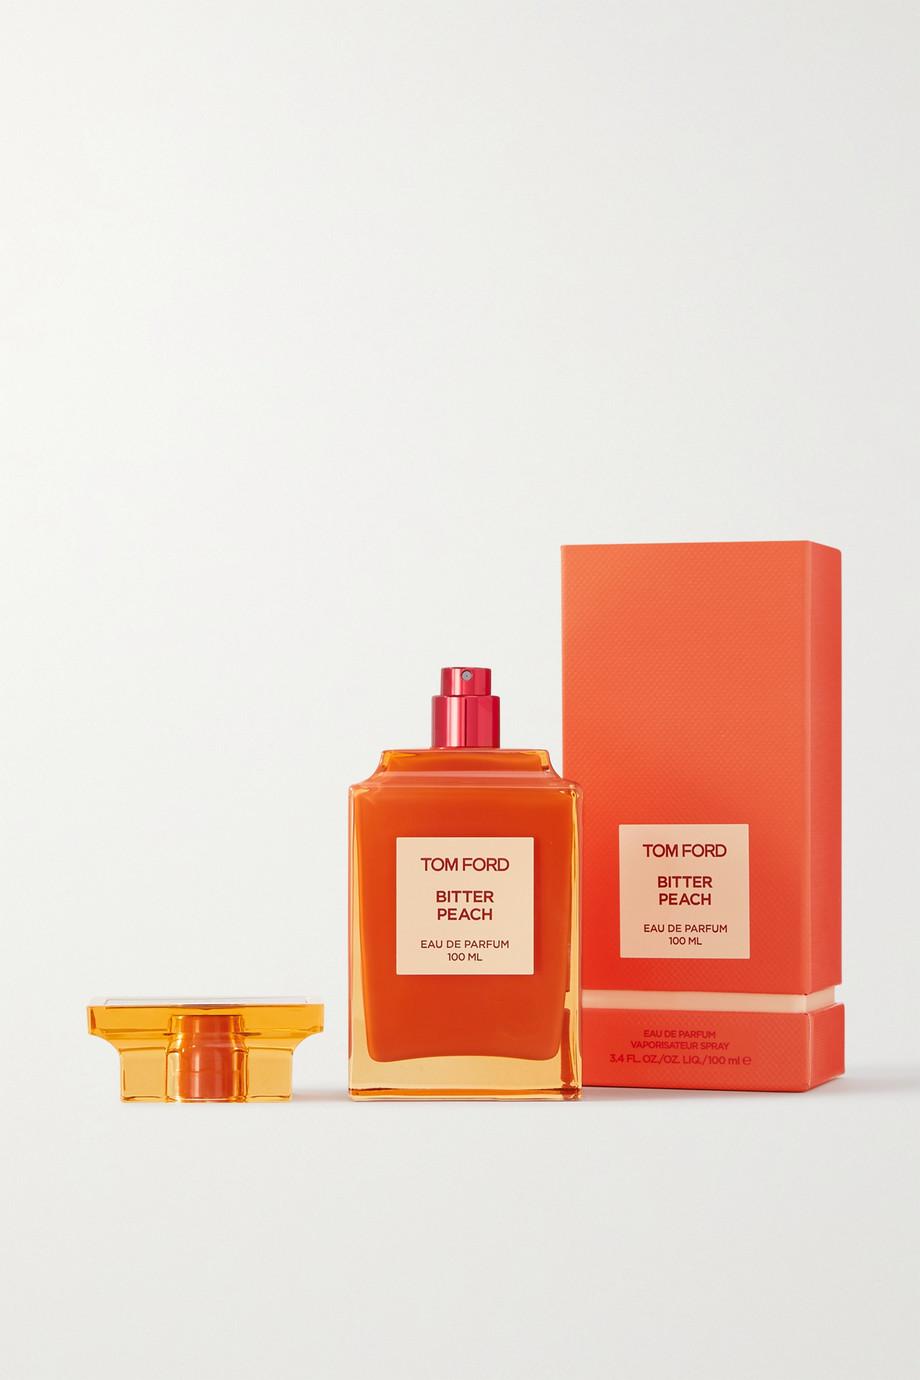 TOM FORD BEAUTY Eau de Parfum - Bitter Peach, 100ml